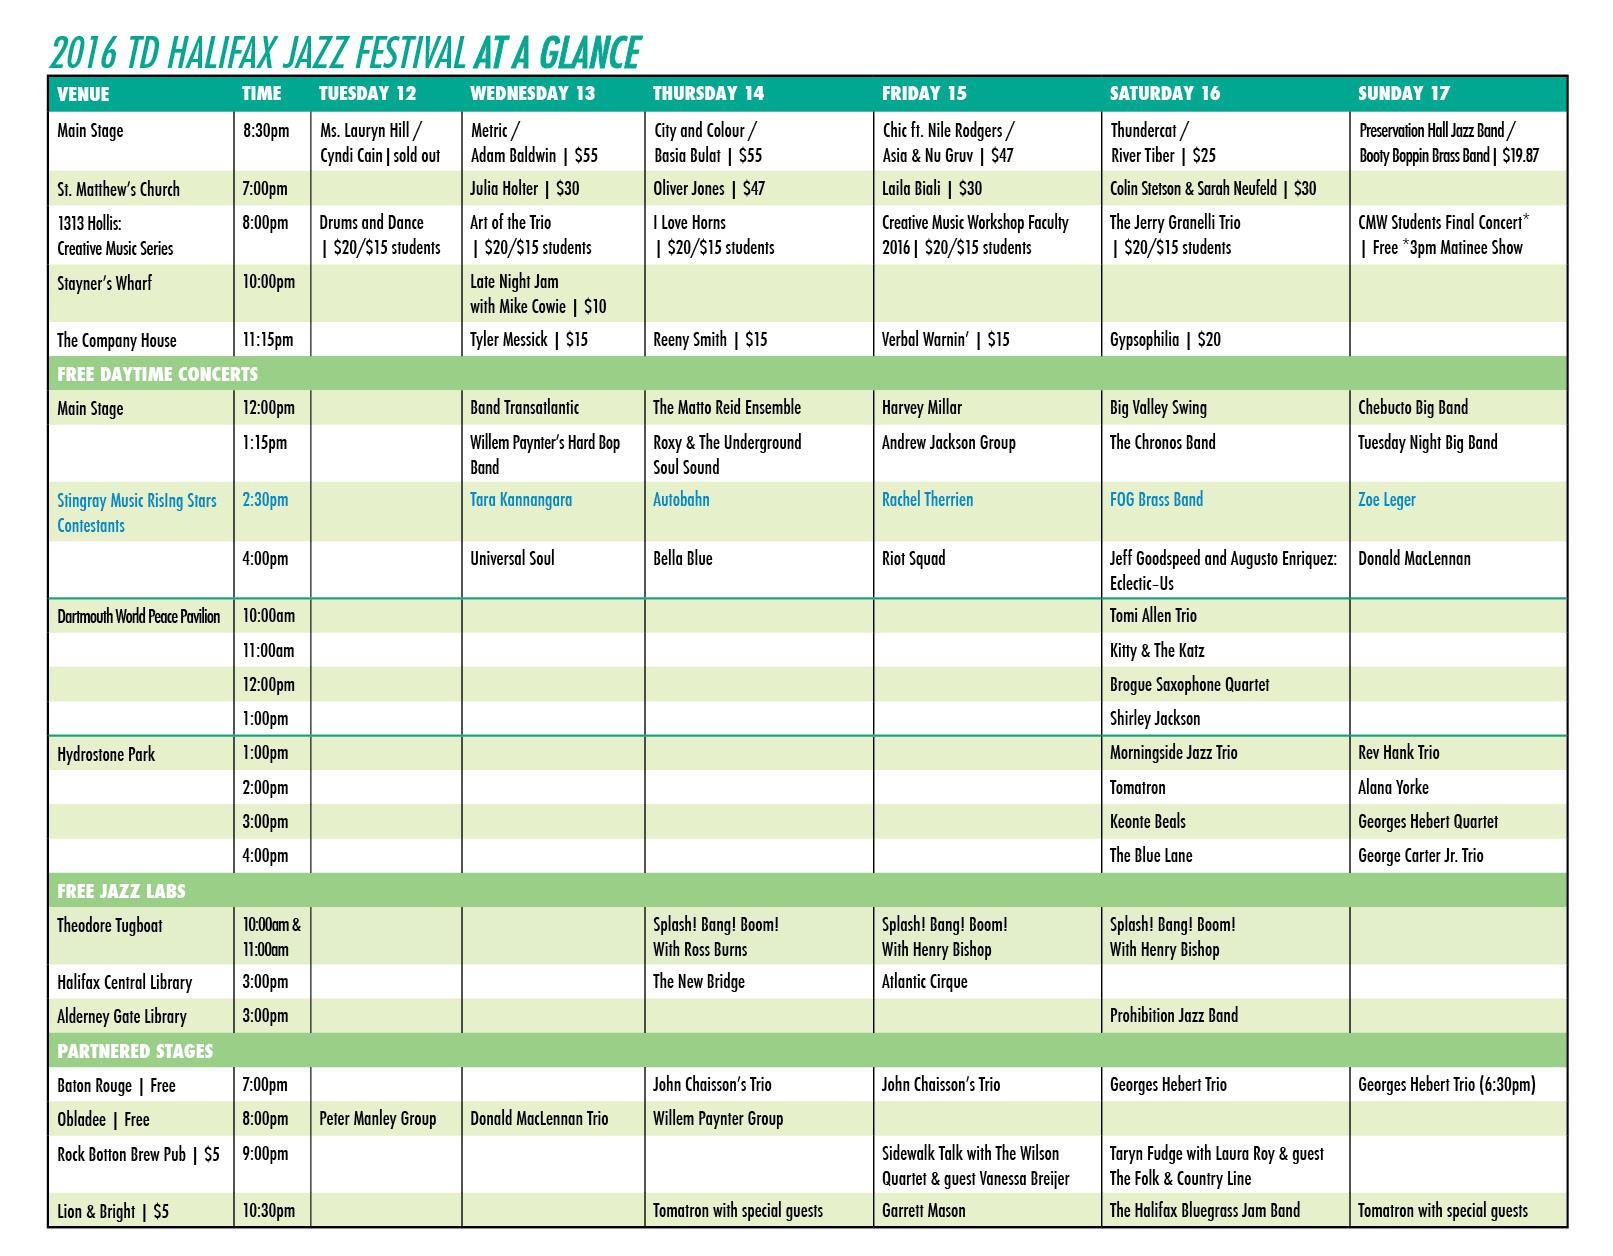 tropfest 2017 festival lineup pdf